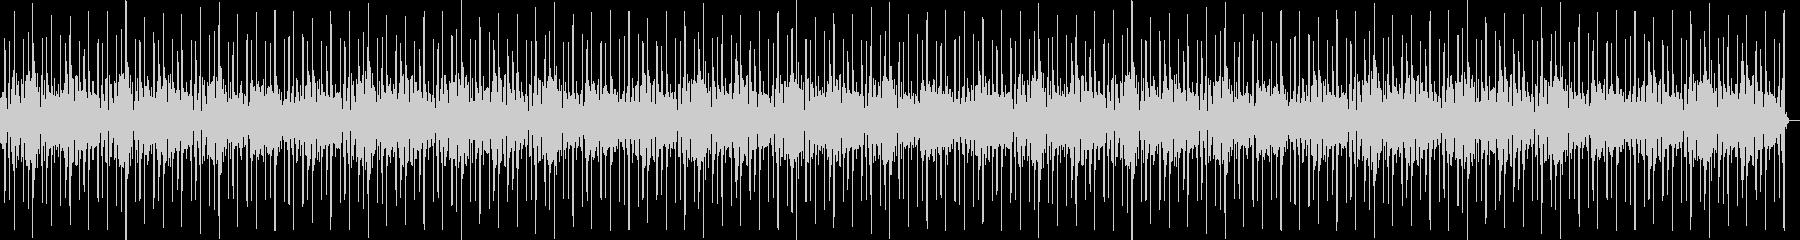 AMGアナログFX20の未再生の波形